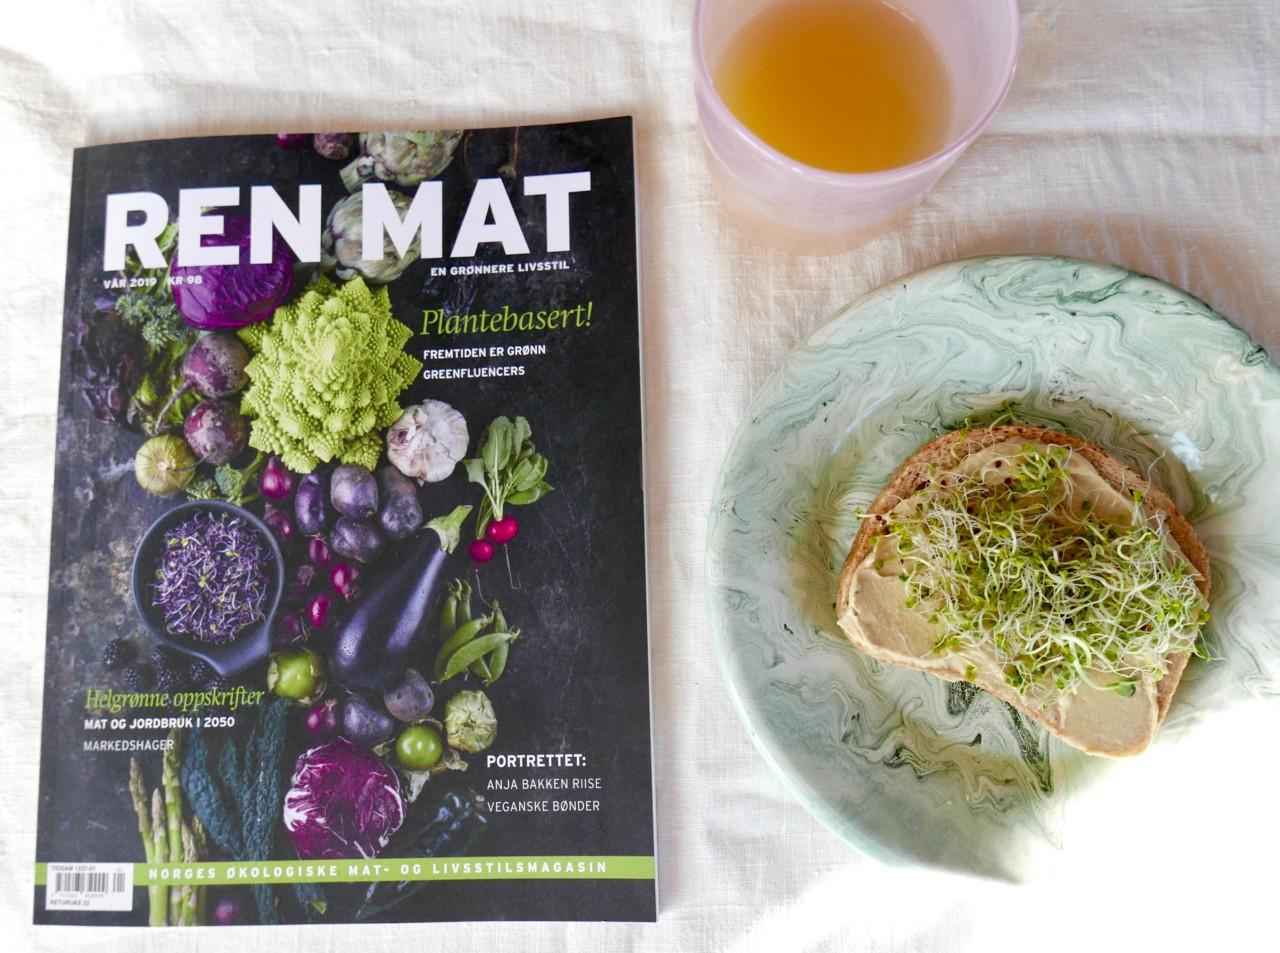 ren-mat-plantebasert-greenfluencers-green-house-by-anja-stang